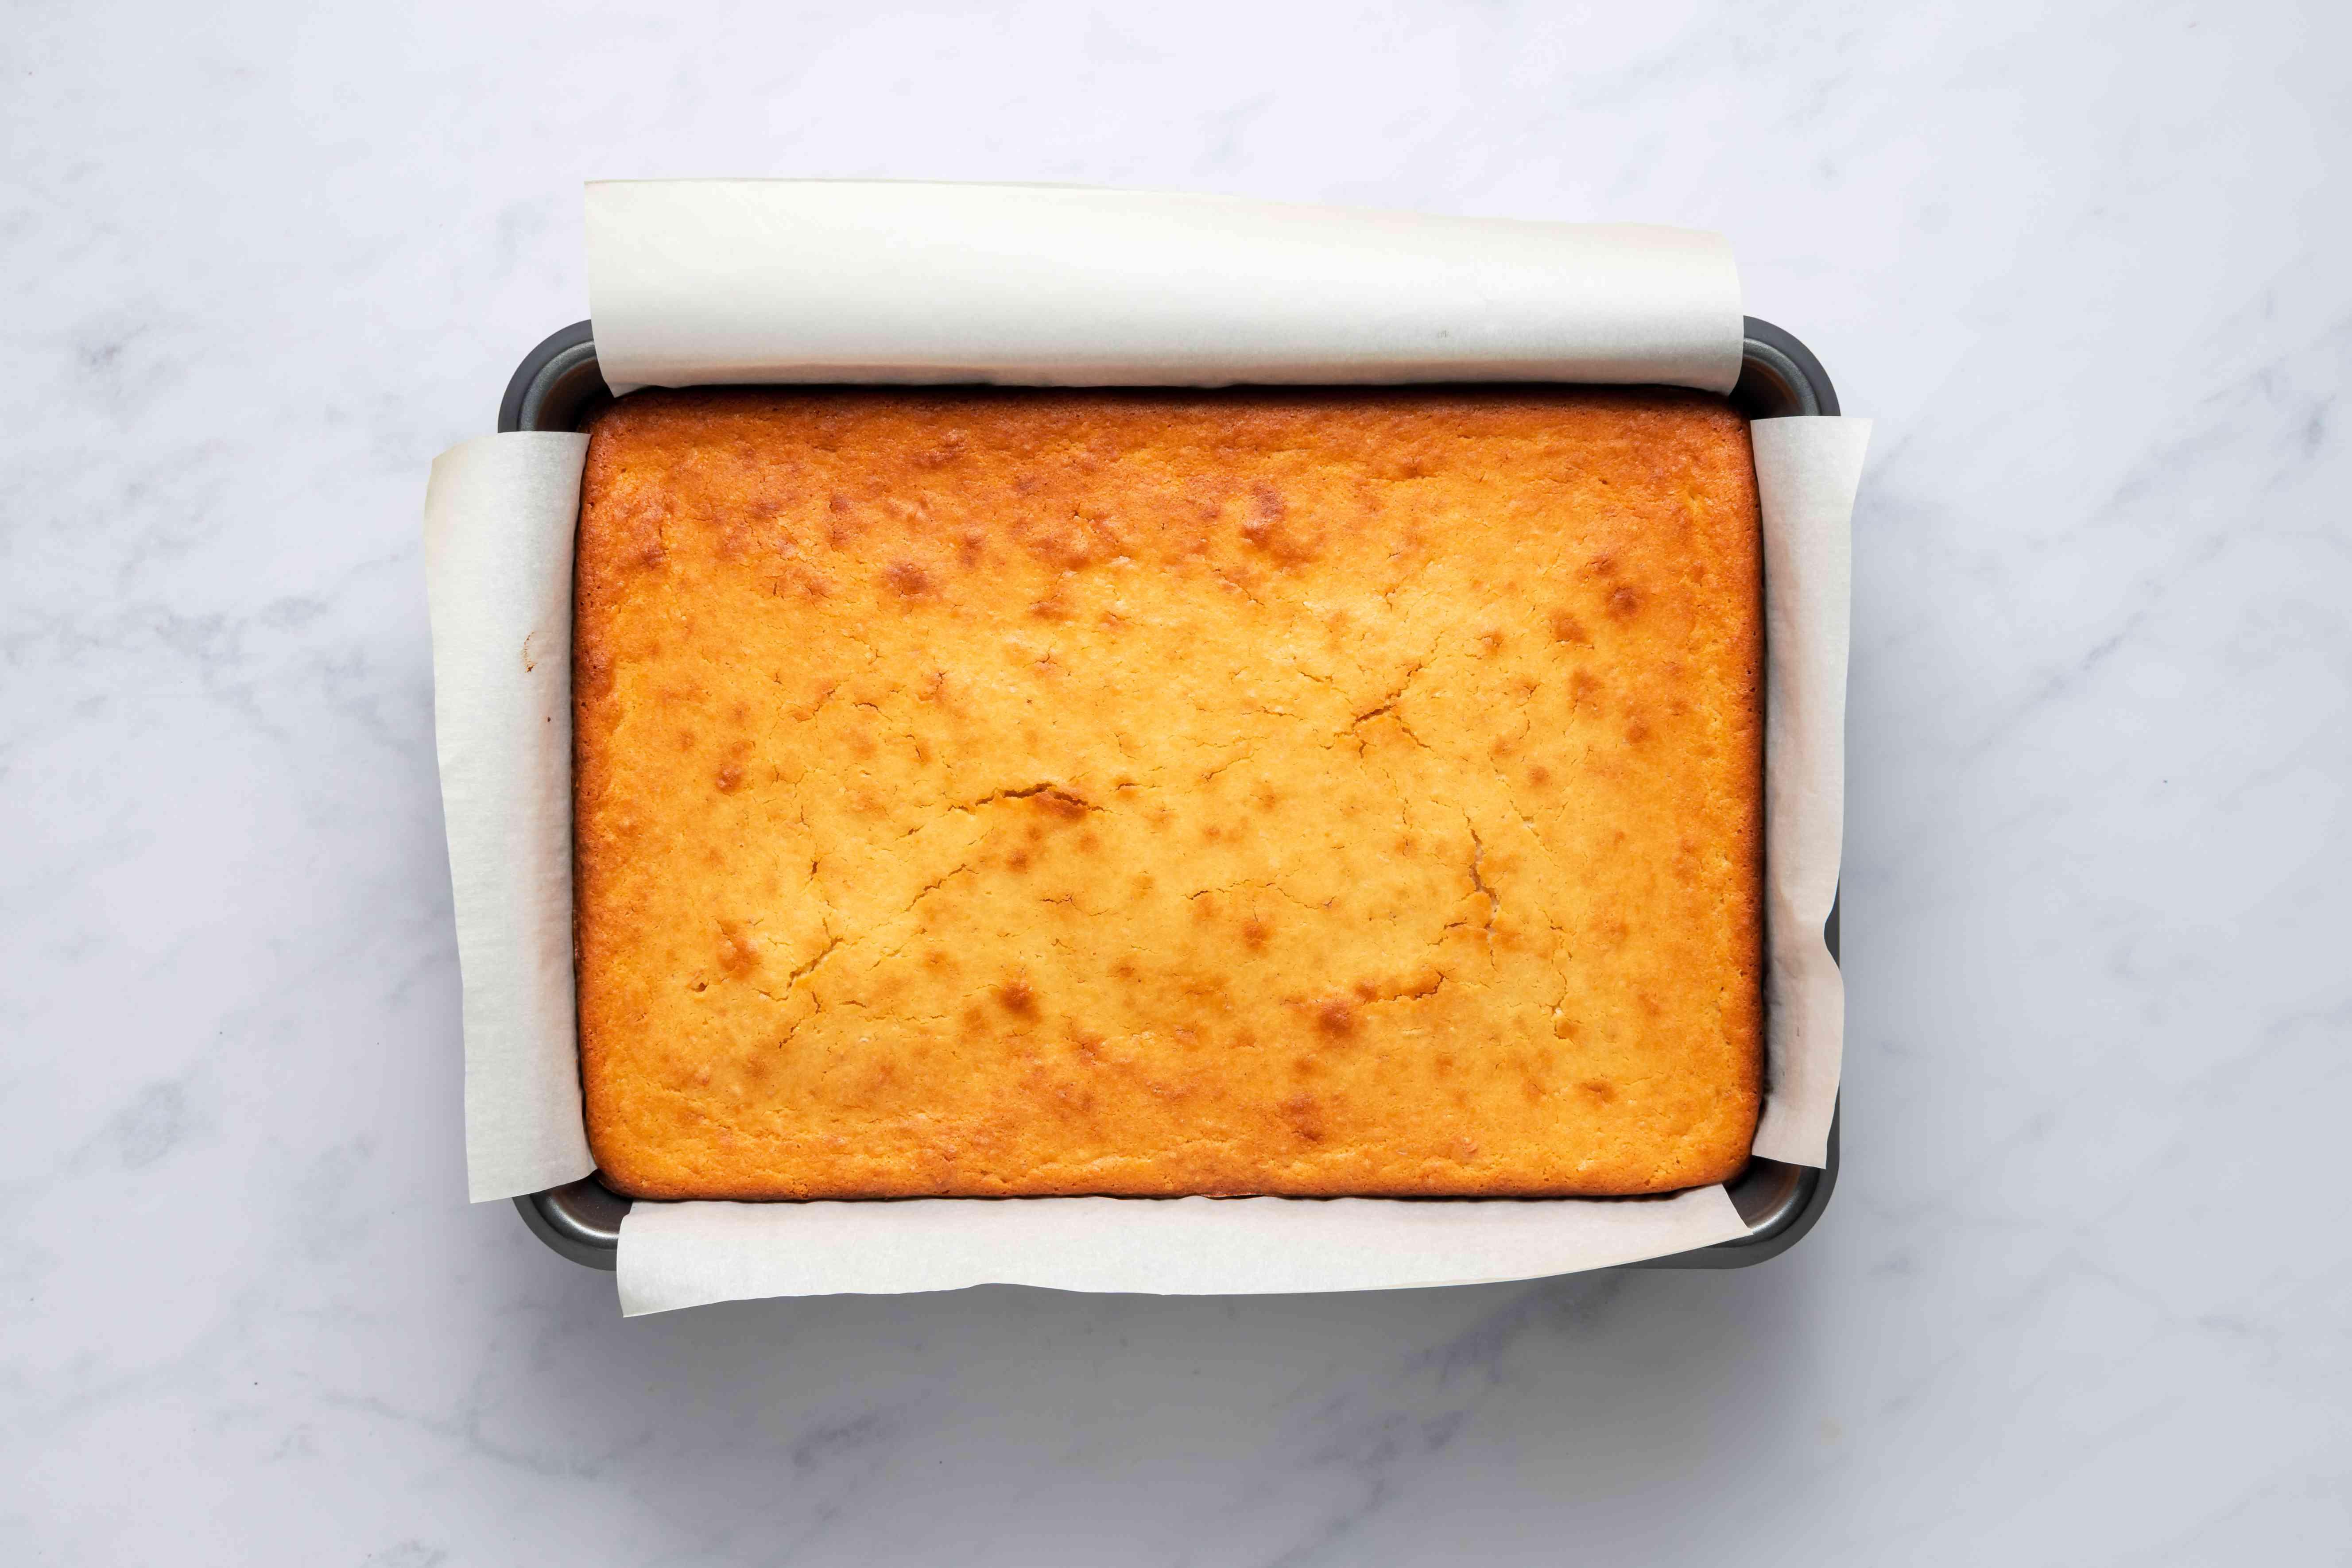 Baked mochi cake